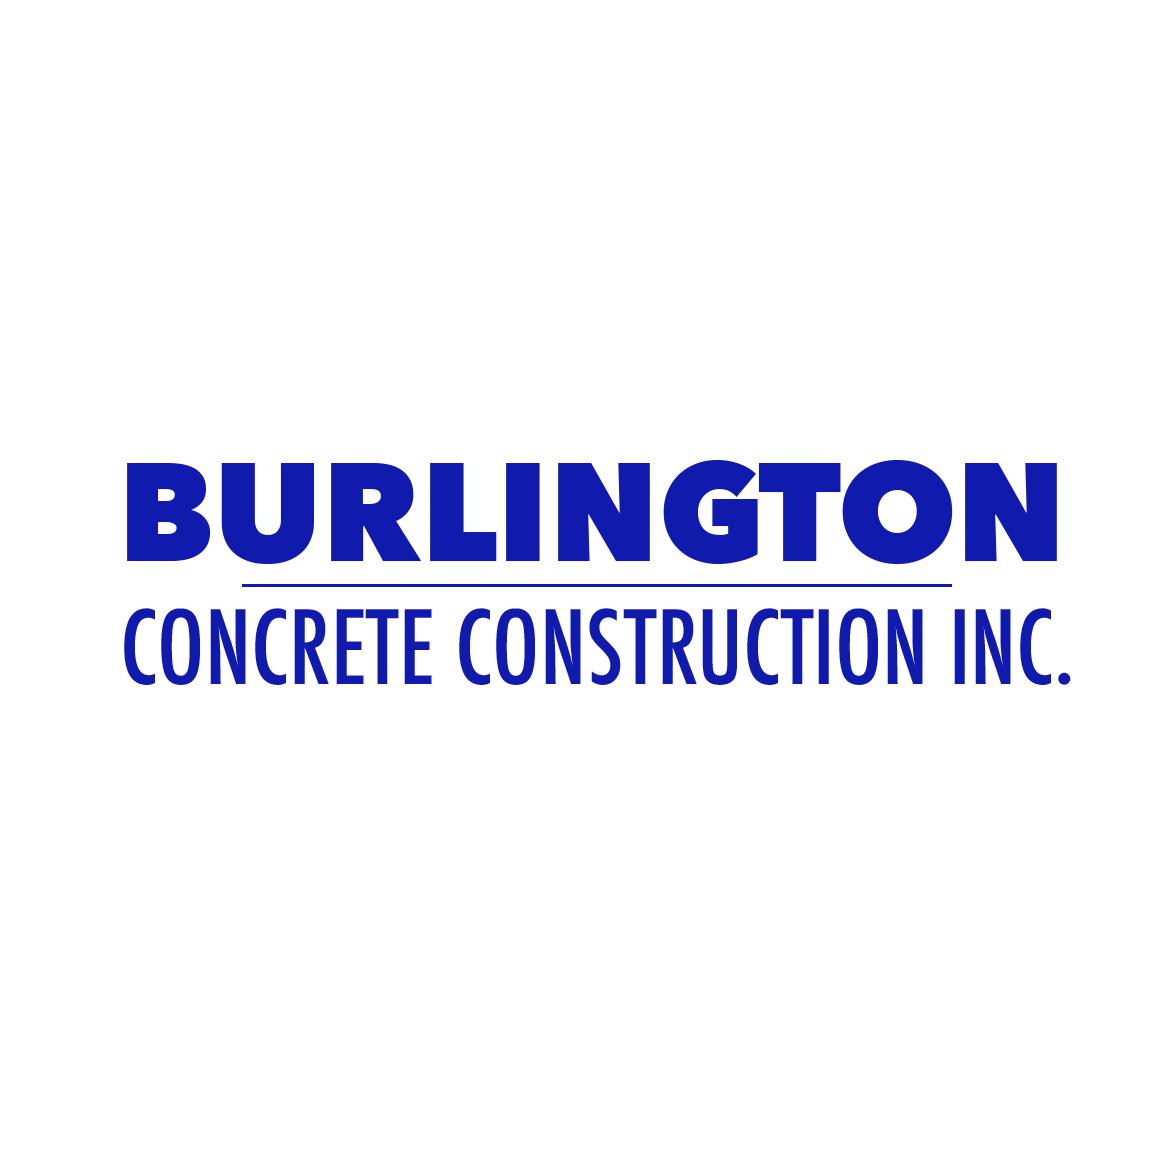 Burlington Concrete Construction Inc.